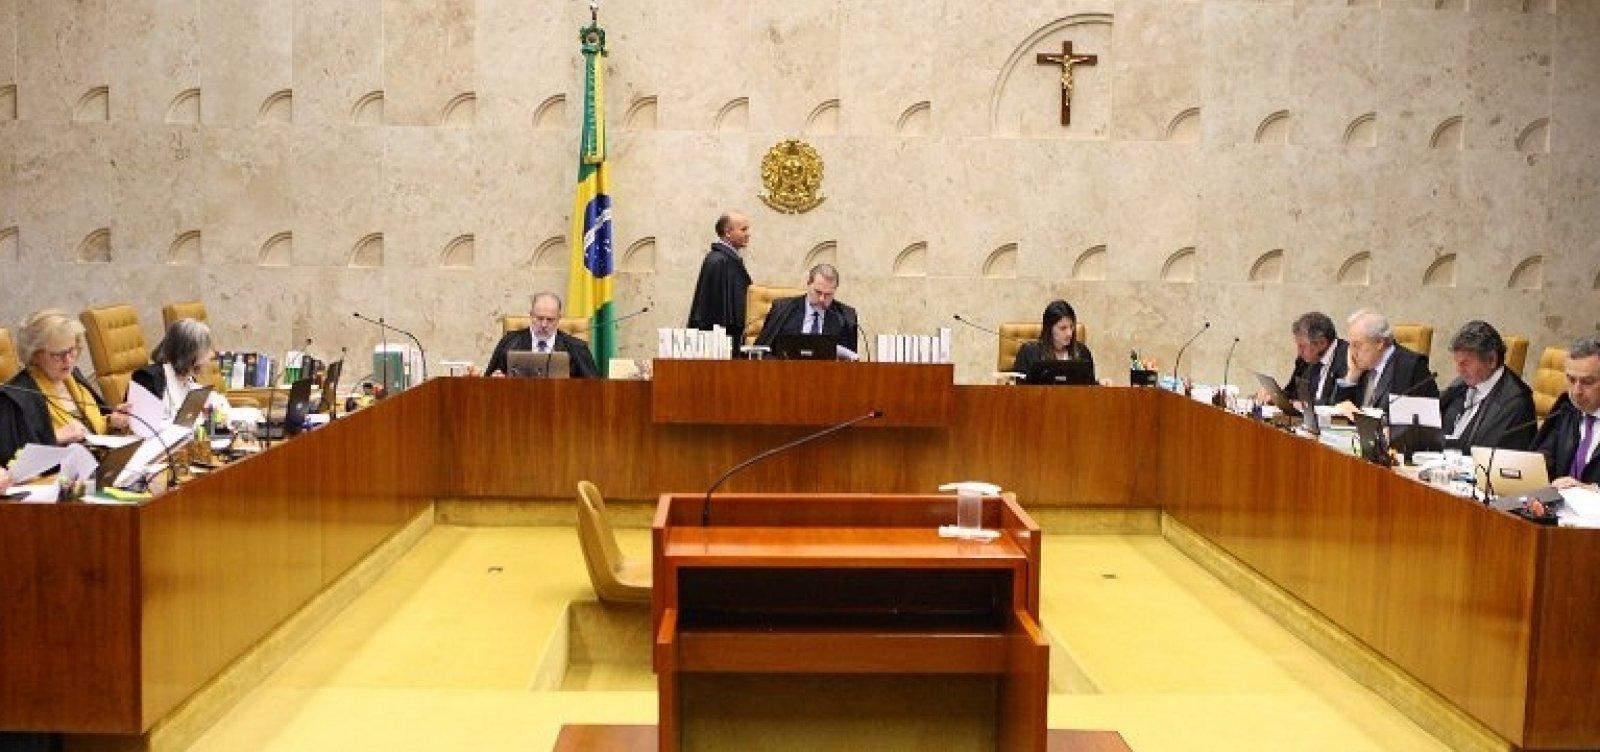 [Procuradores pedem que STF retire acesso à mensagens pela defesa de Lula]